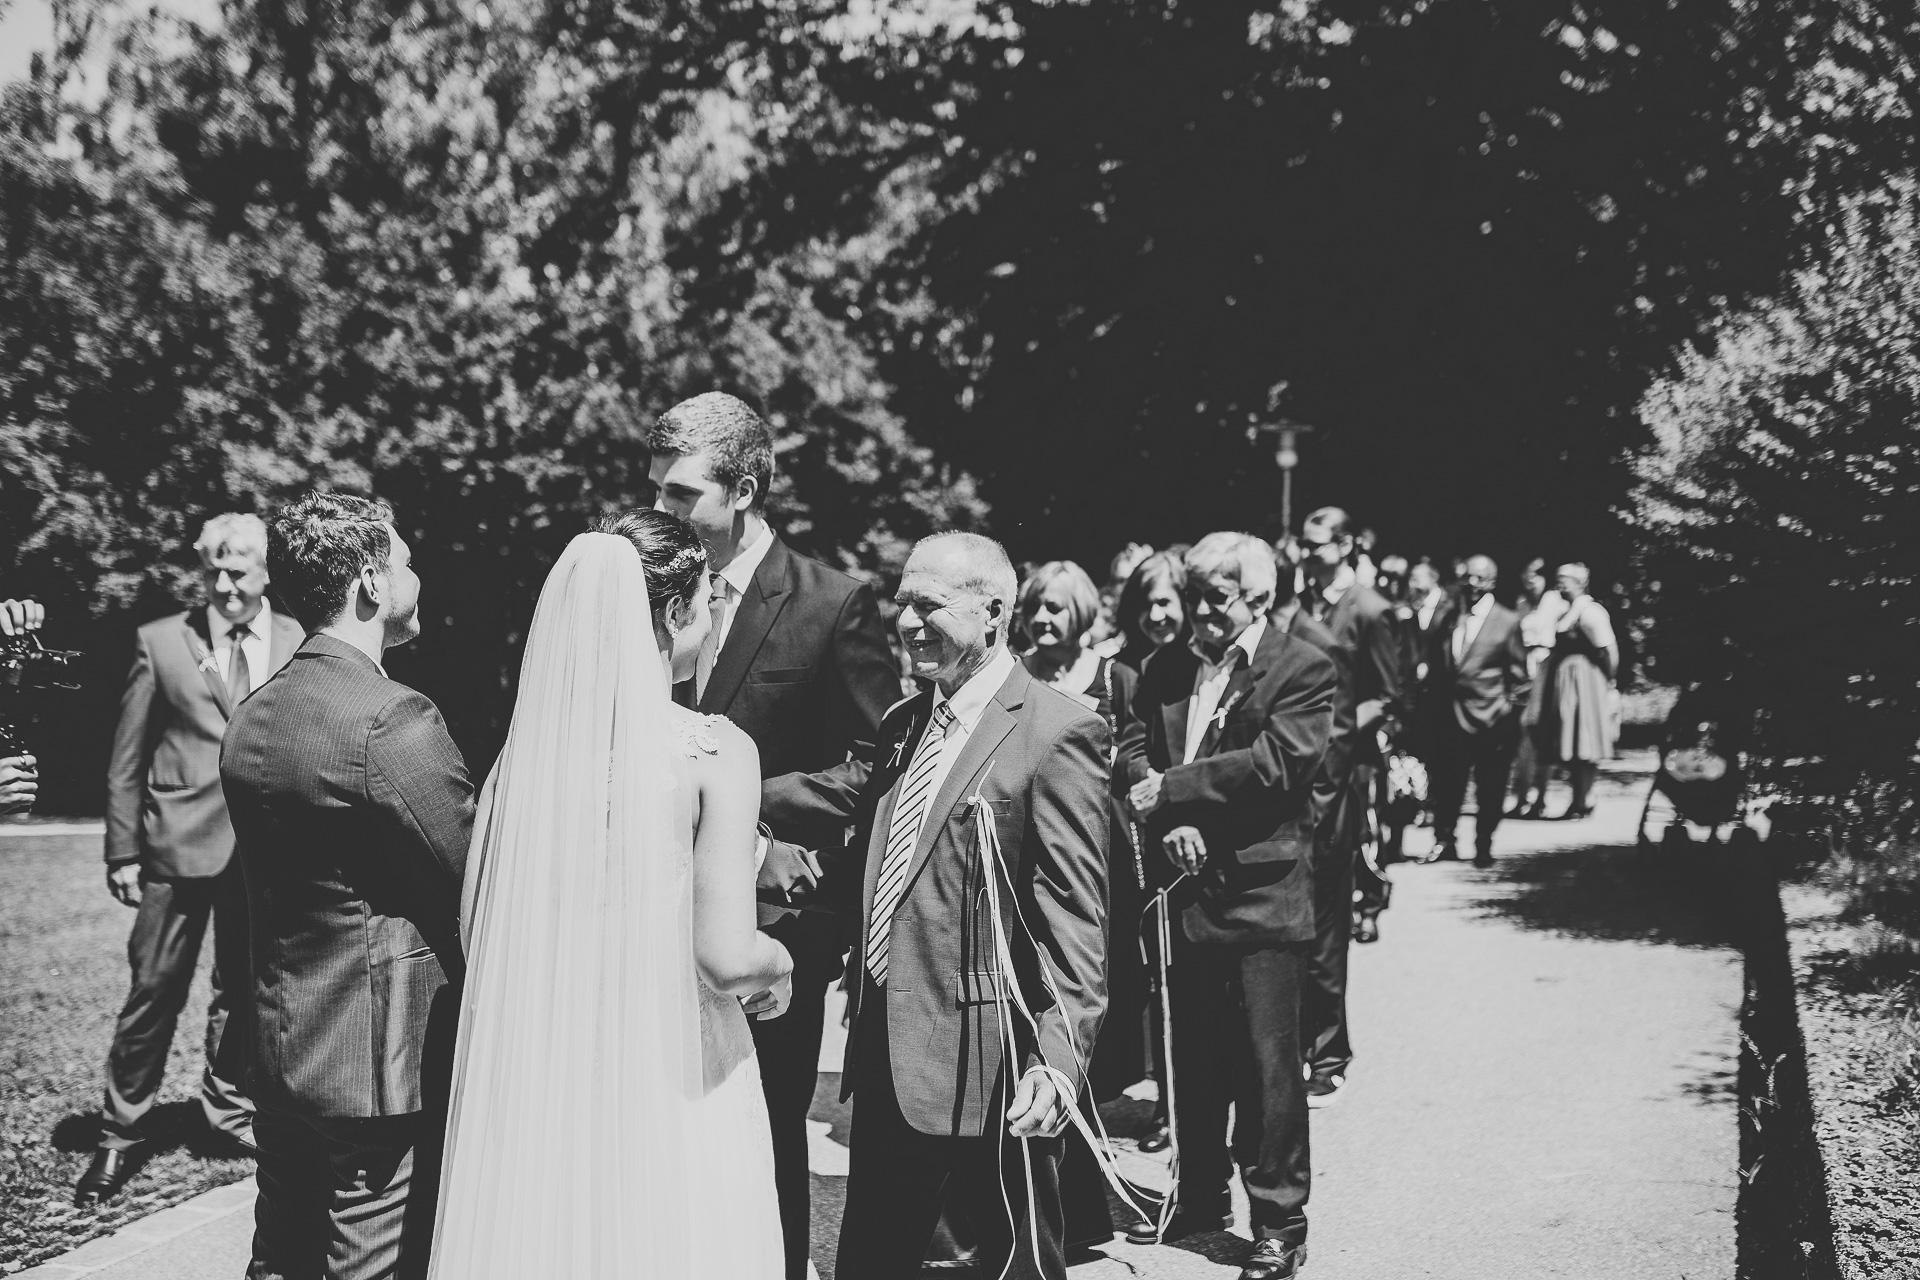 Alexander Utz, Fotografie, Hochzeit, Augsburg, Brautkleid, Brautstrauss-51